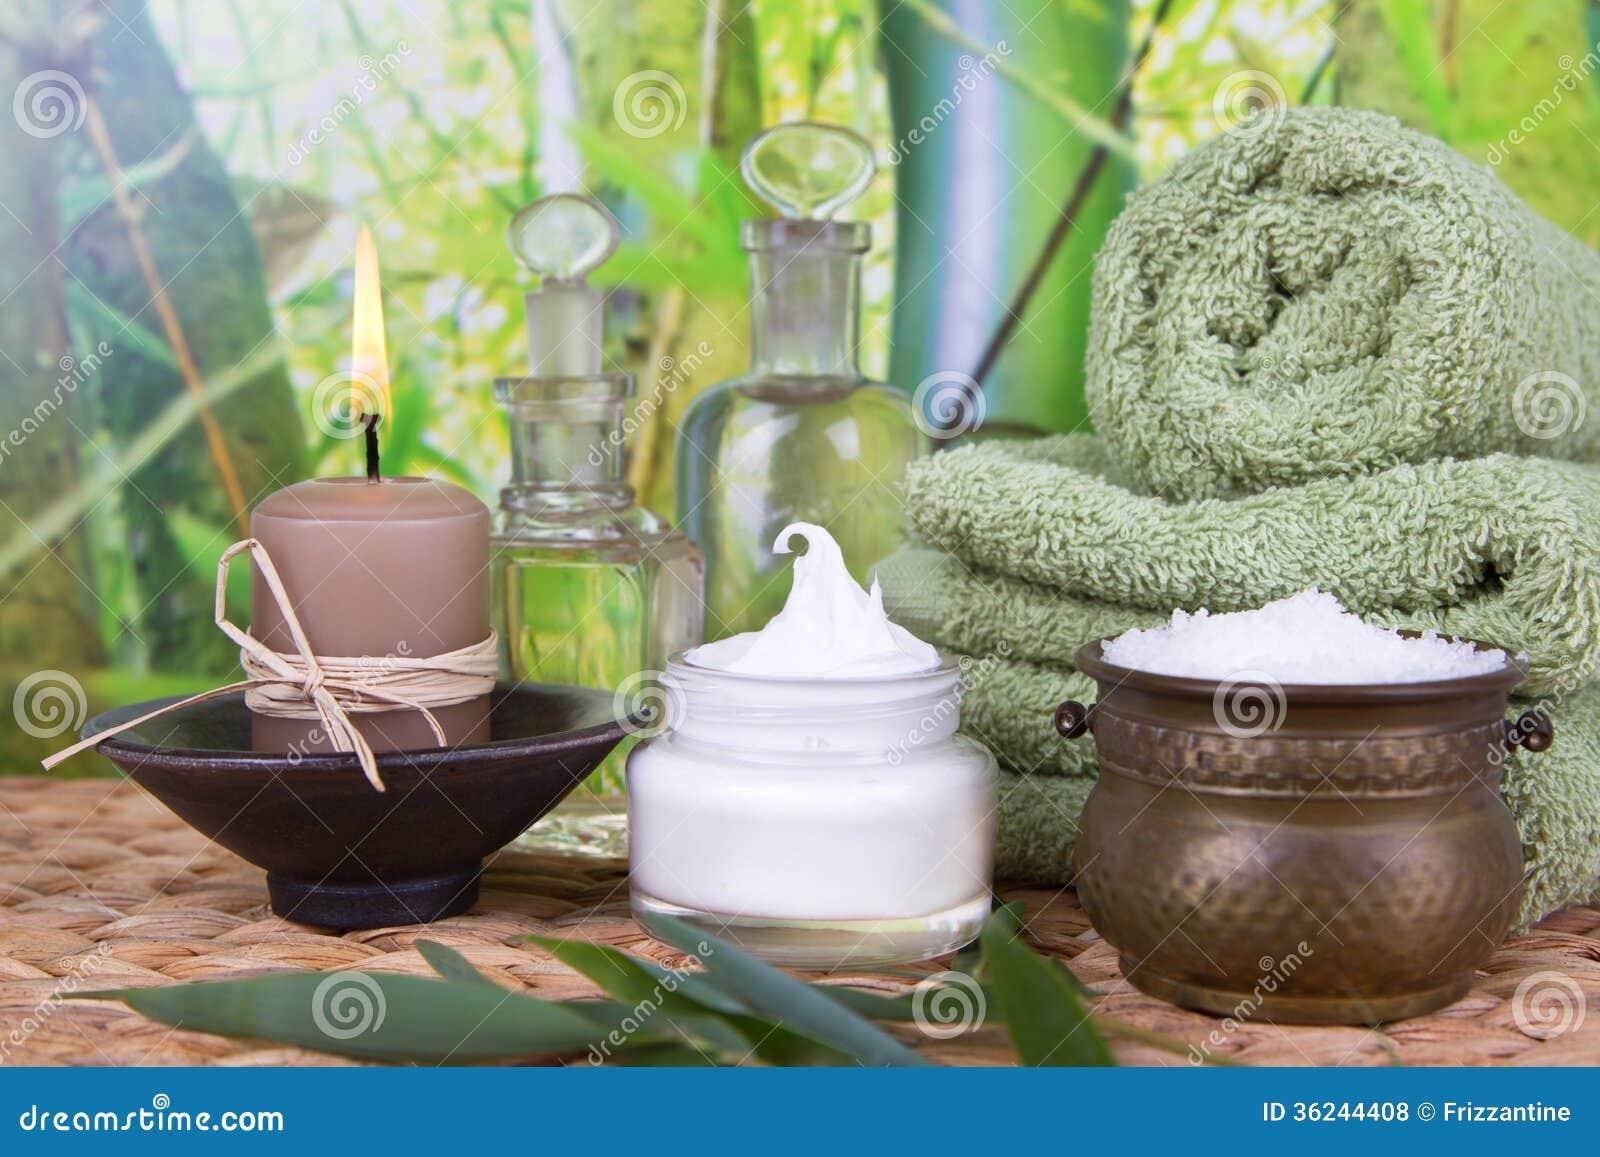 Baigner des huiles de sel et de massage avec une pile de serviettes